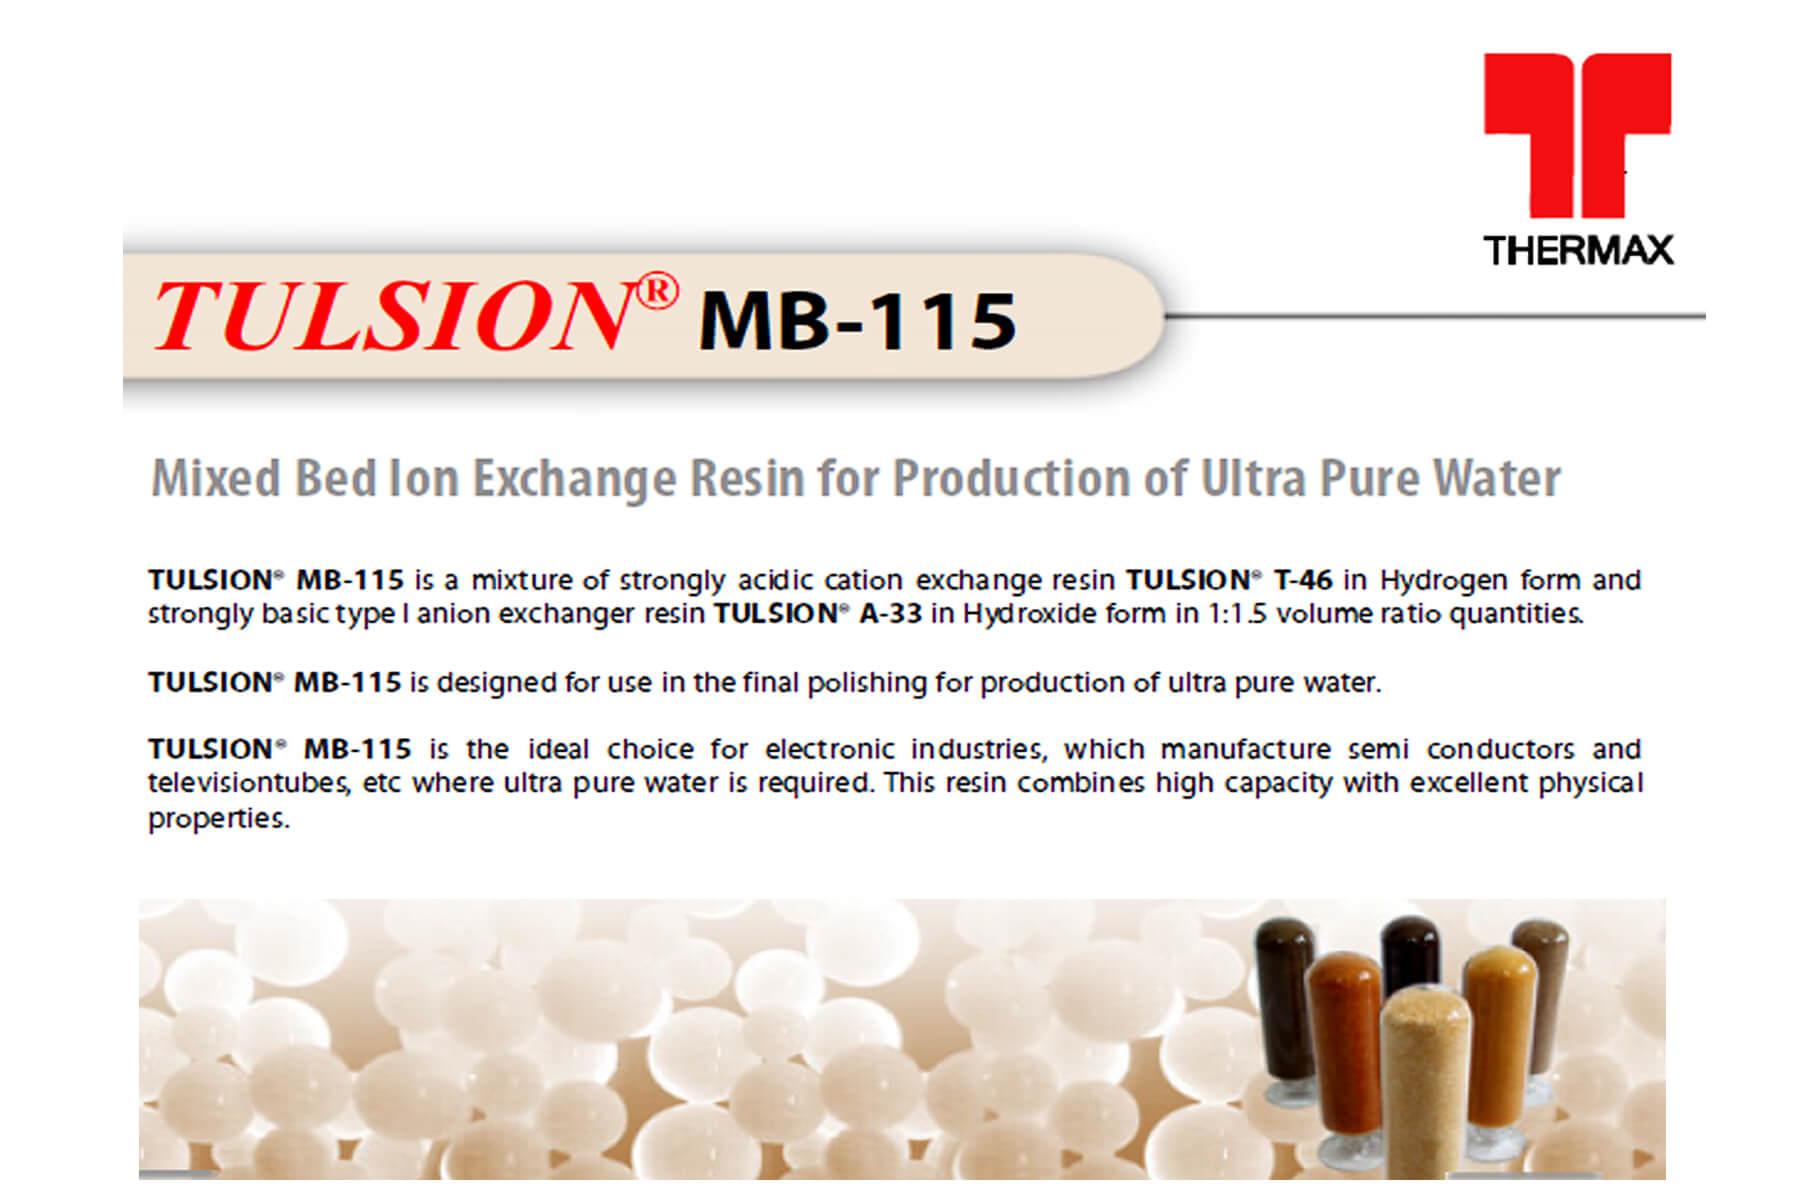 Tulsion MB-115